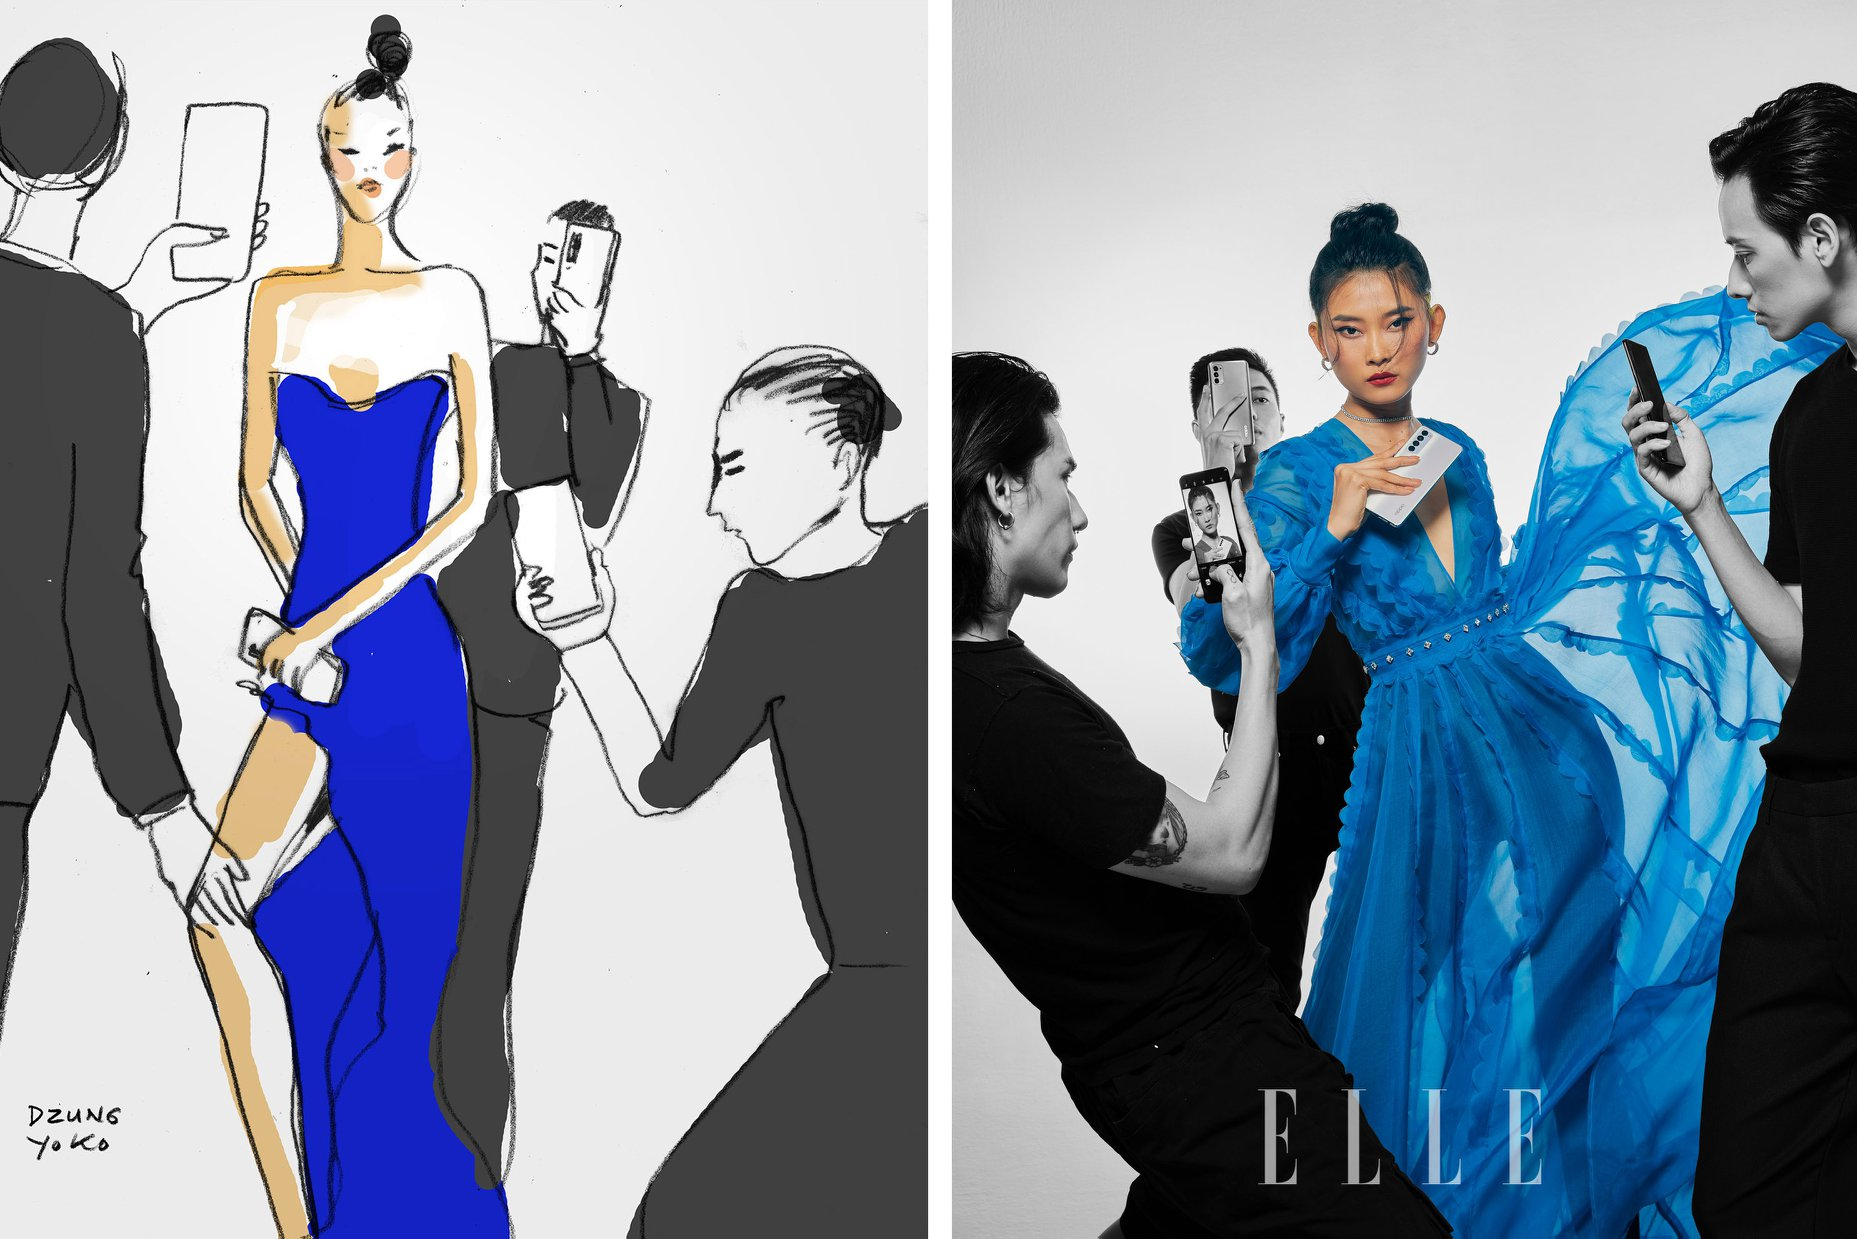 Người mẫu thời trang mặc đầm dạ hội voan xanh nước biển, cầm điện thoại OPPO